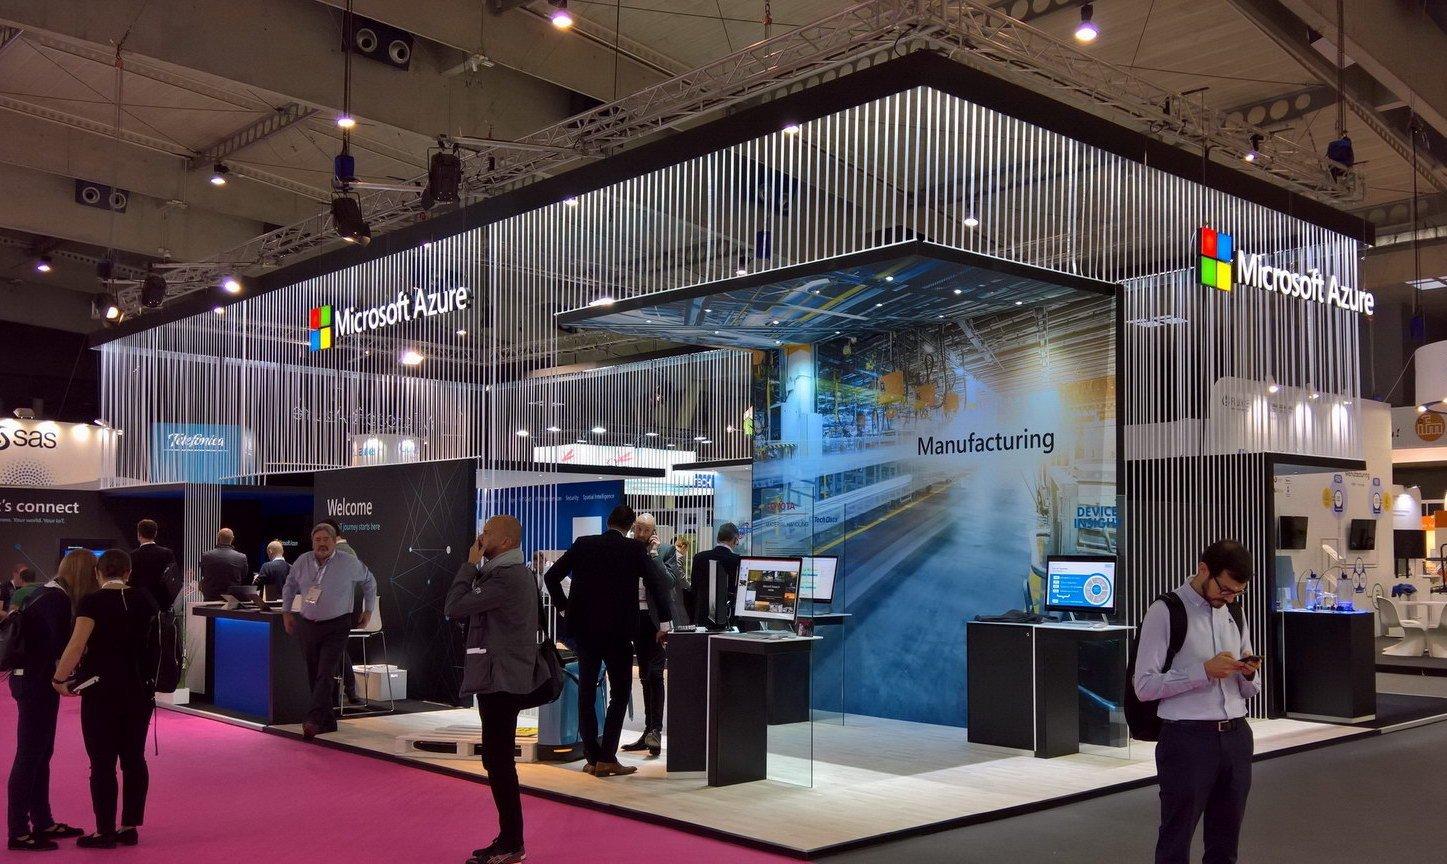 Stand feria Microsoft